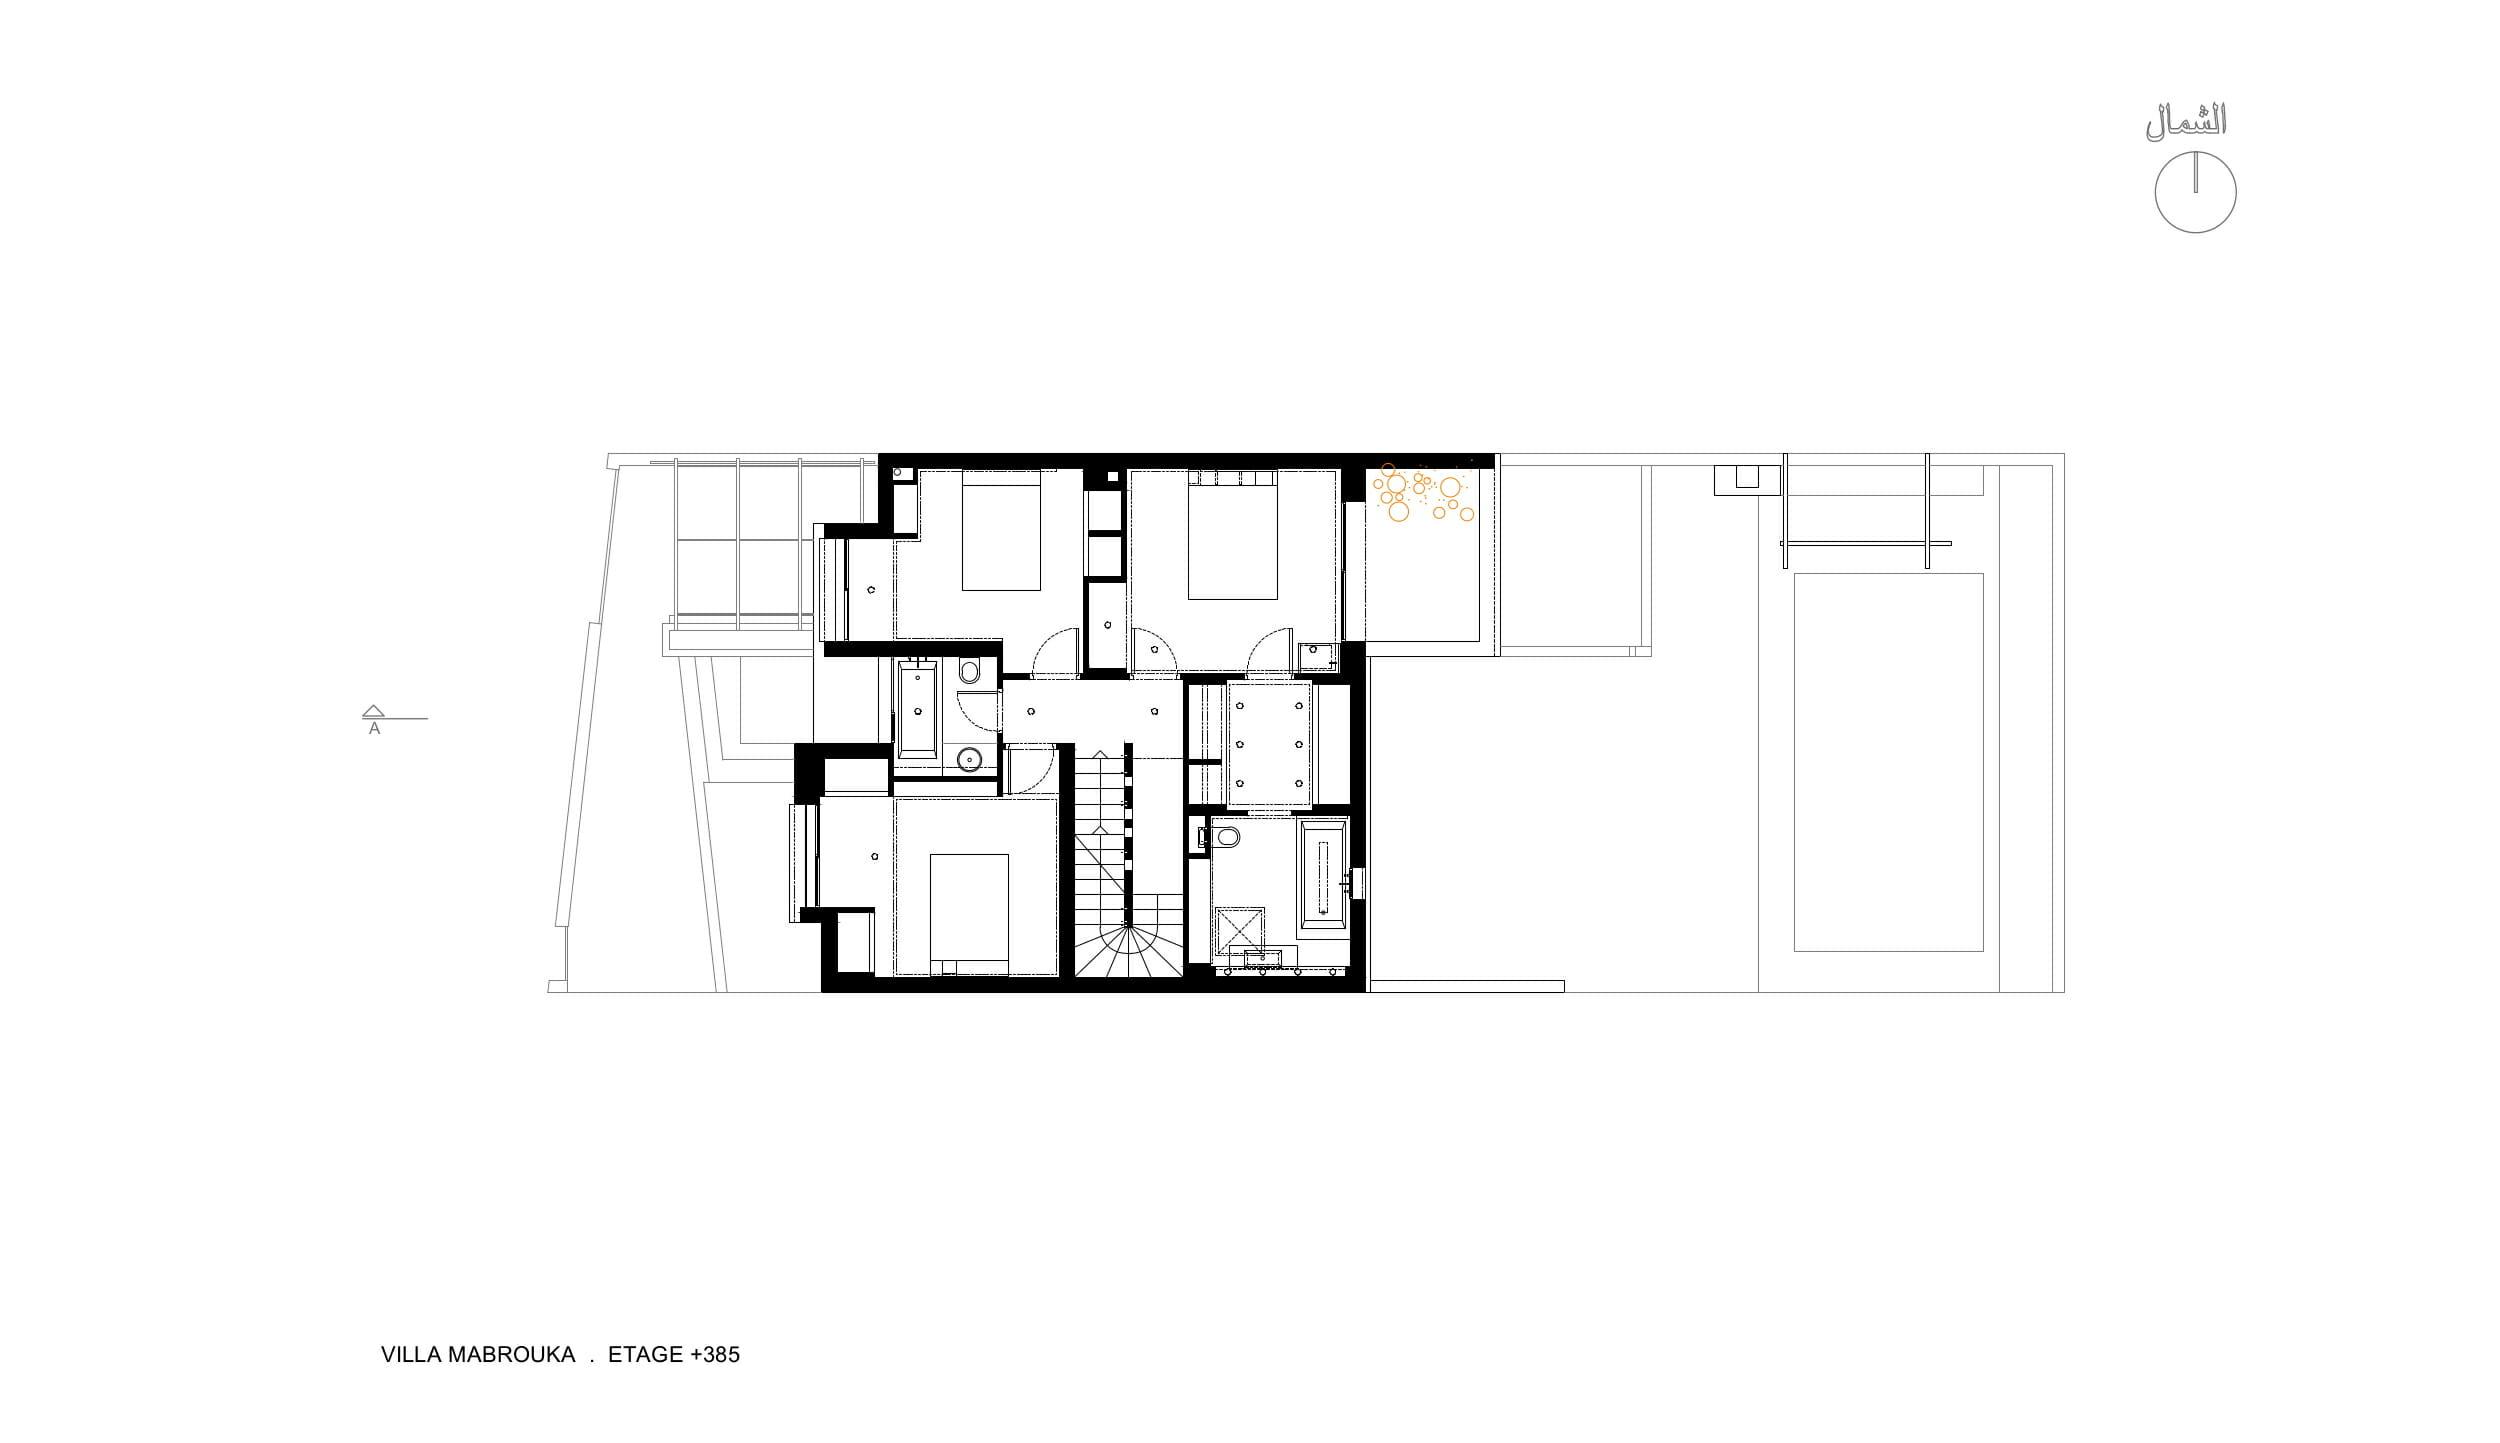 MABROUKA.plan 02-etage